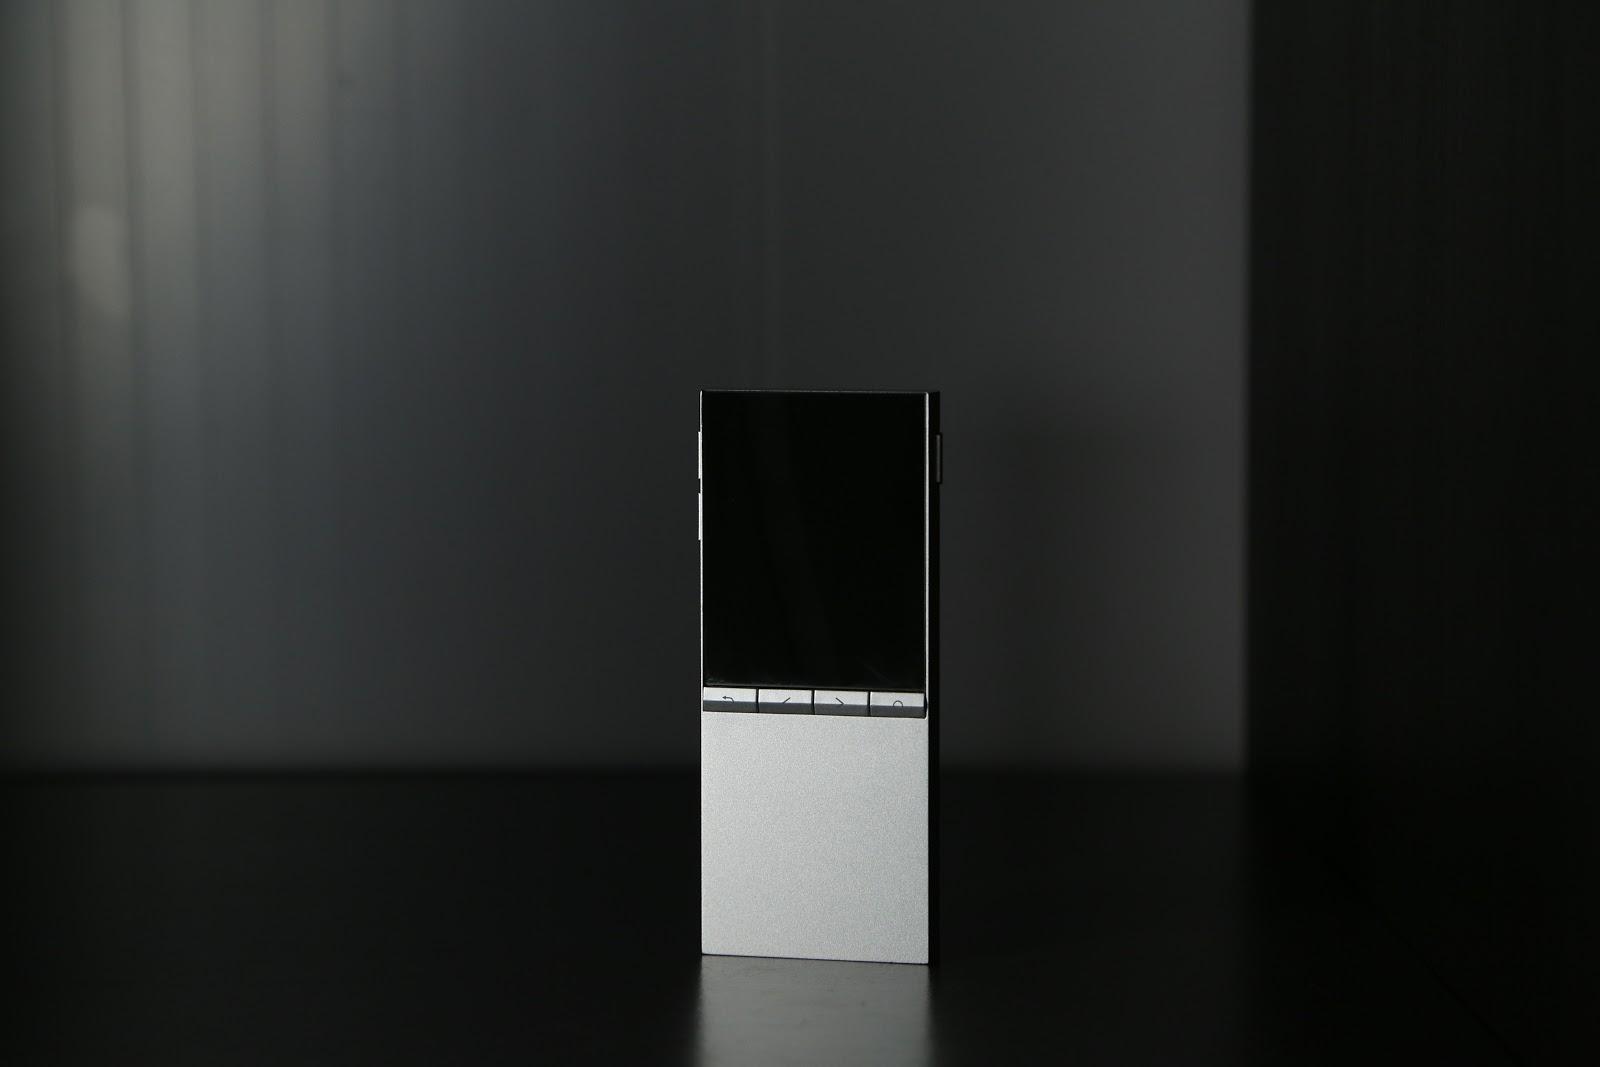 Ничего лишнего: обзор плеера HiFiMan MegaMini - 6